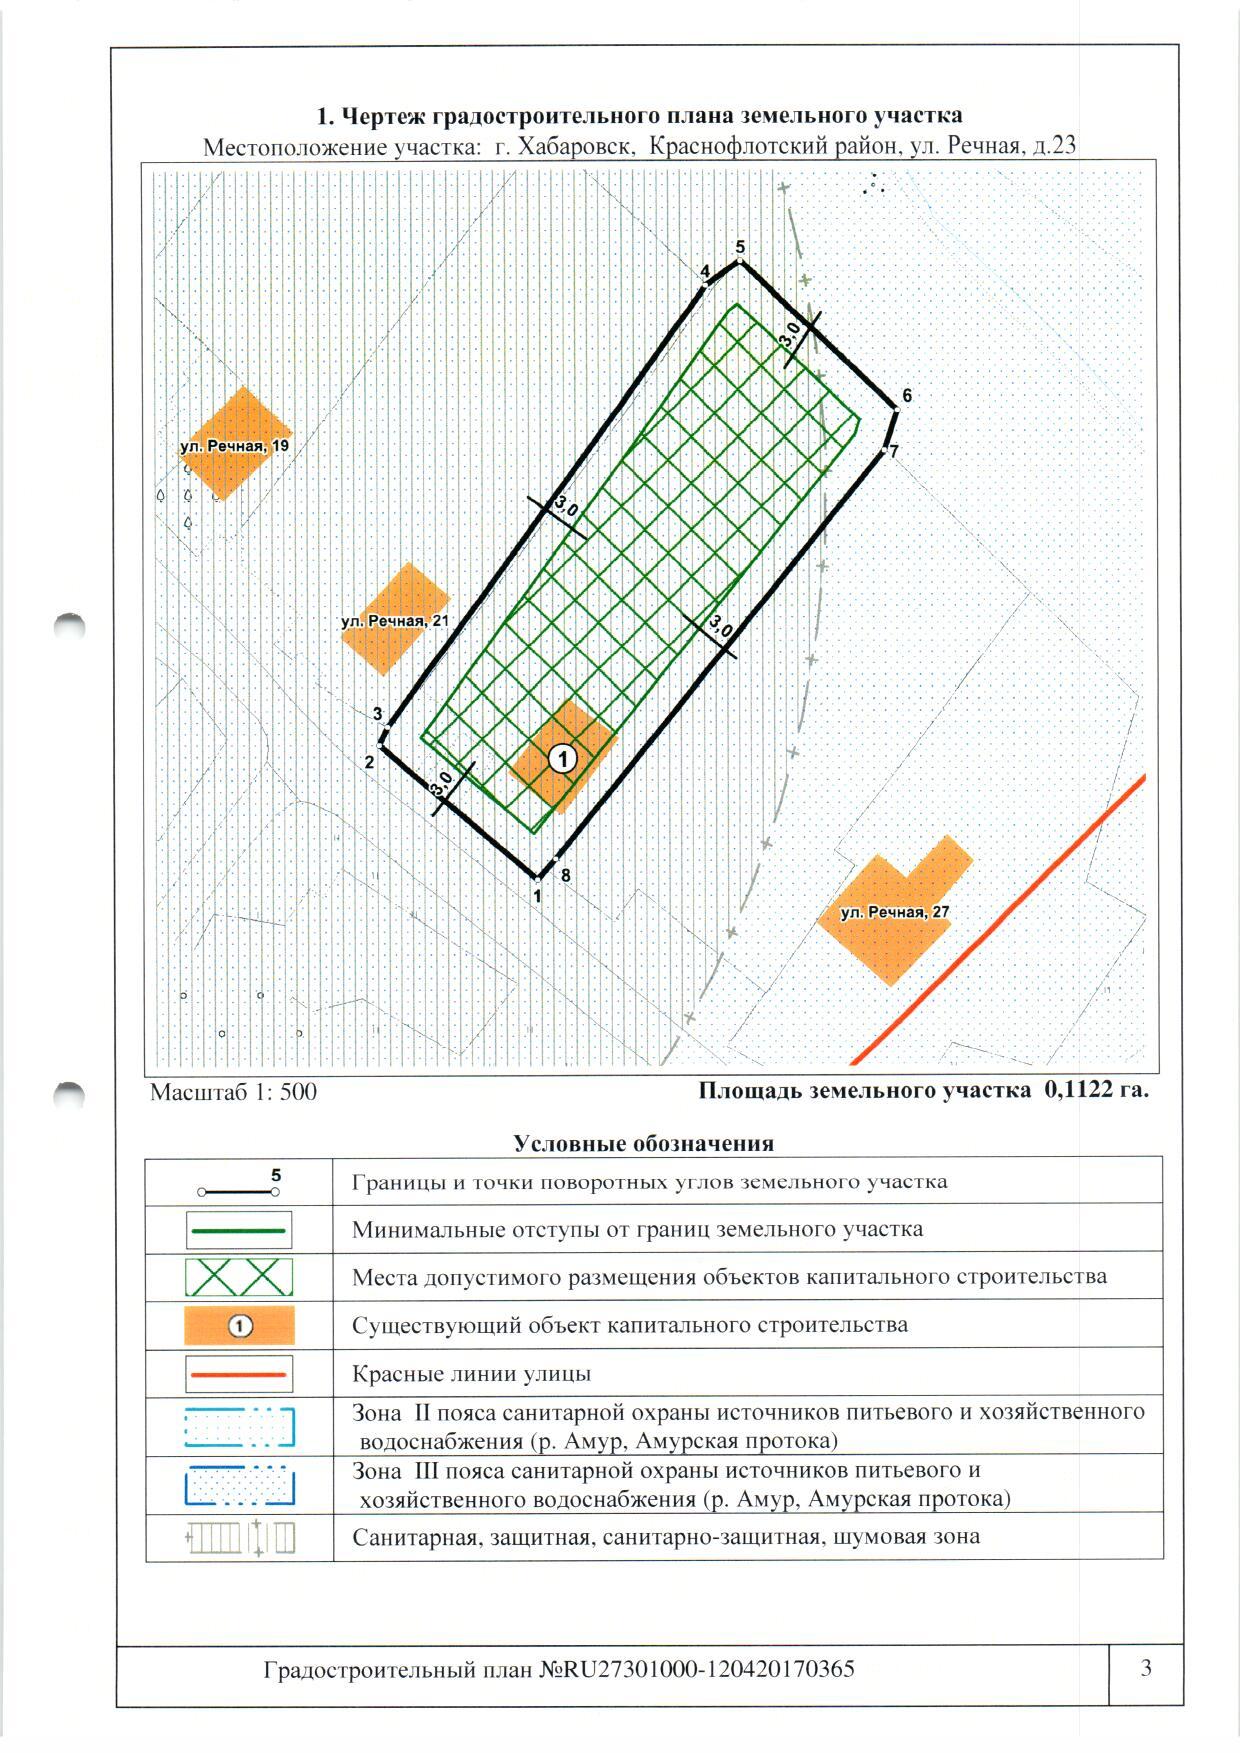 Градостроительный план земельного участка.  гпзу москва, гпзу московская область